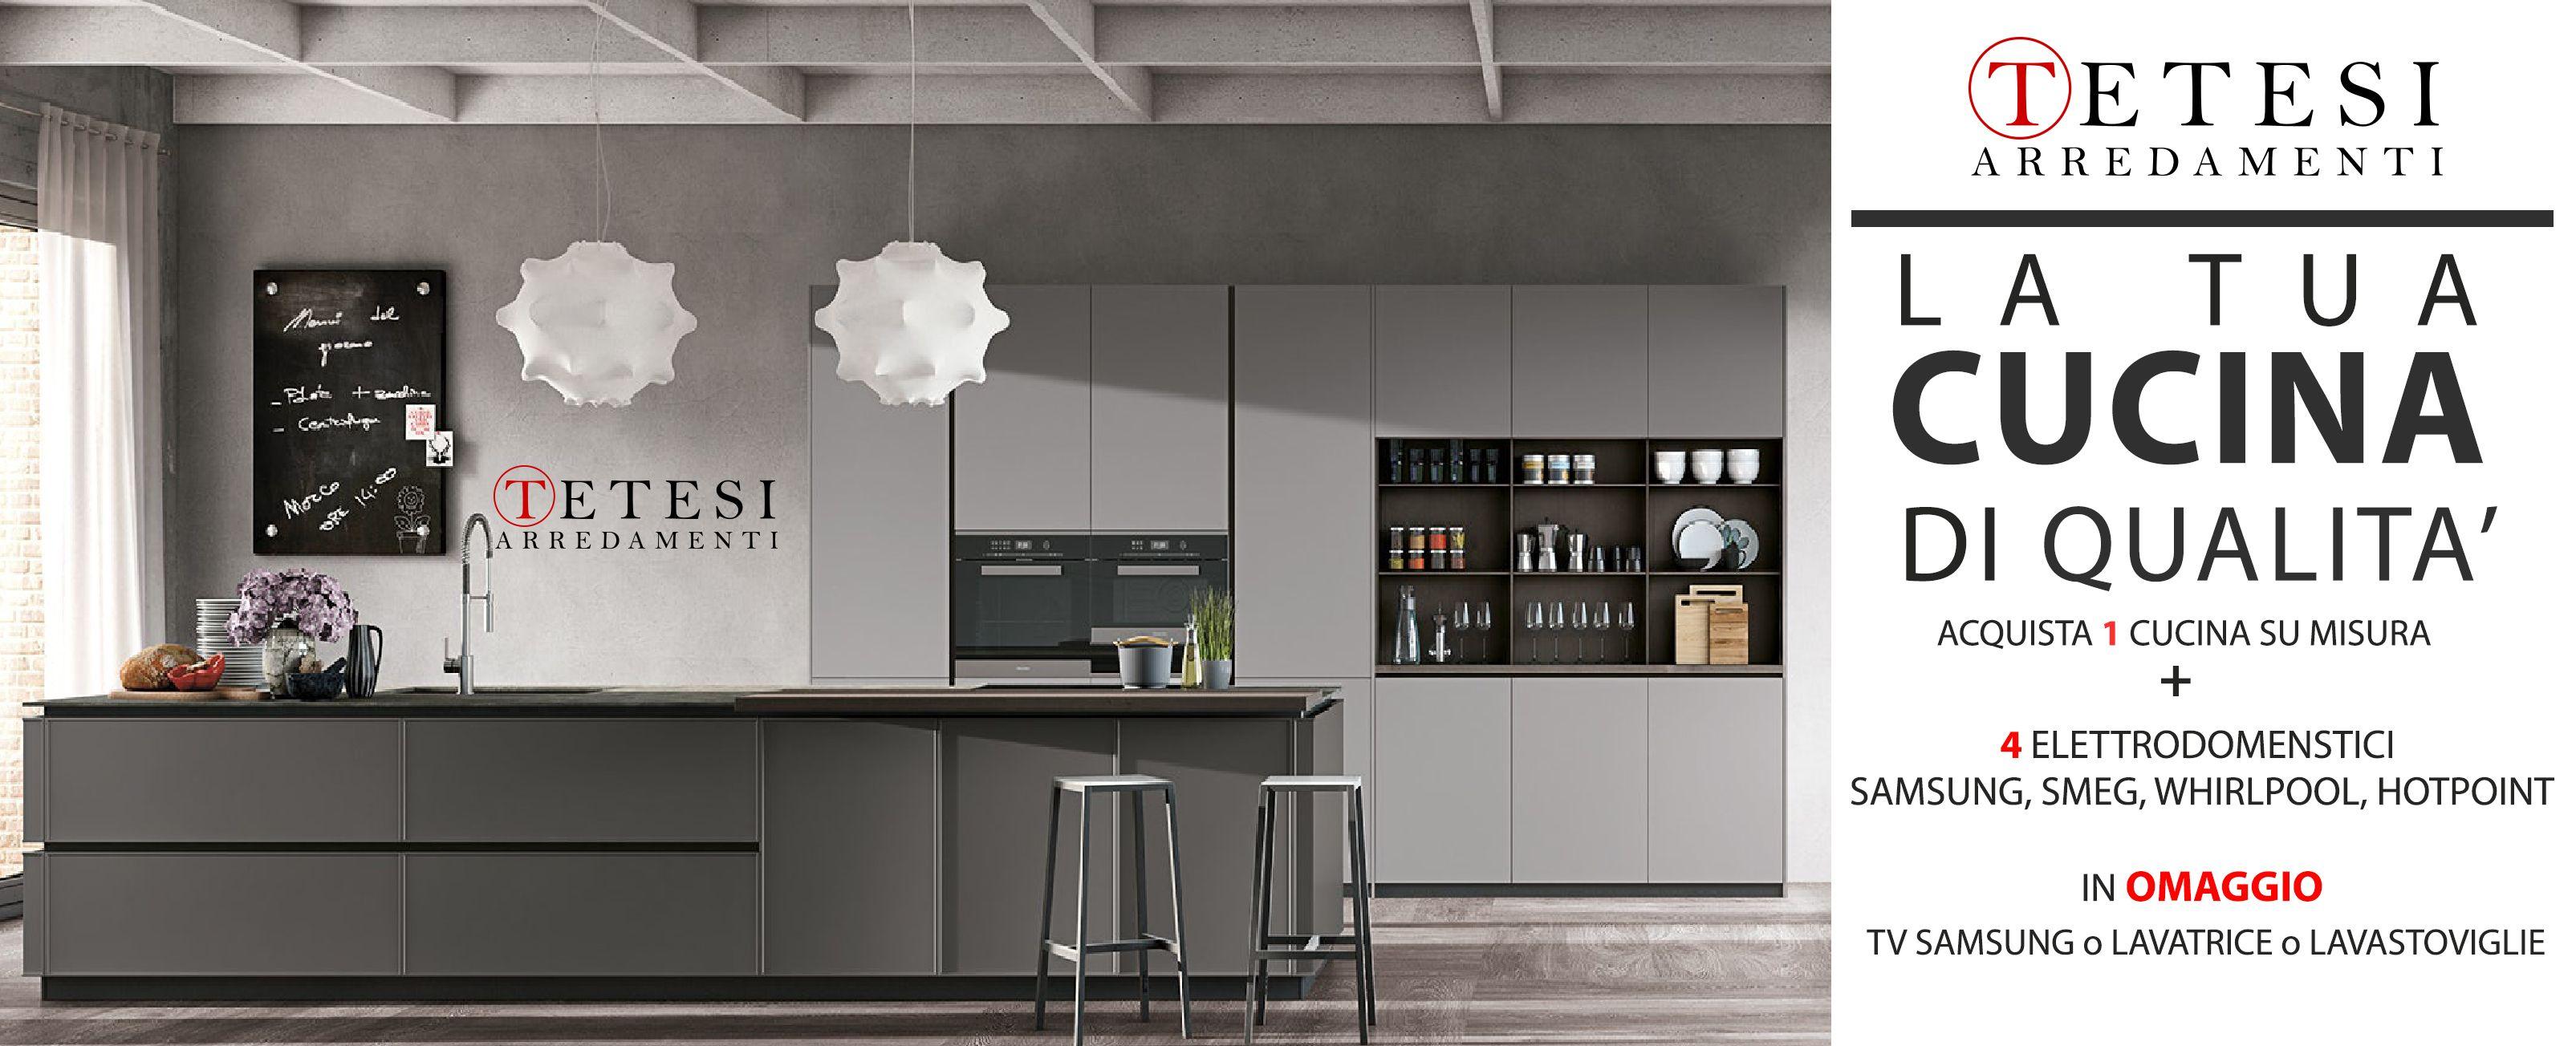 Cucina Su Misura Falegname tetesi arredamenti art design la tua cucina di qualita